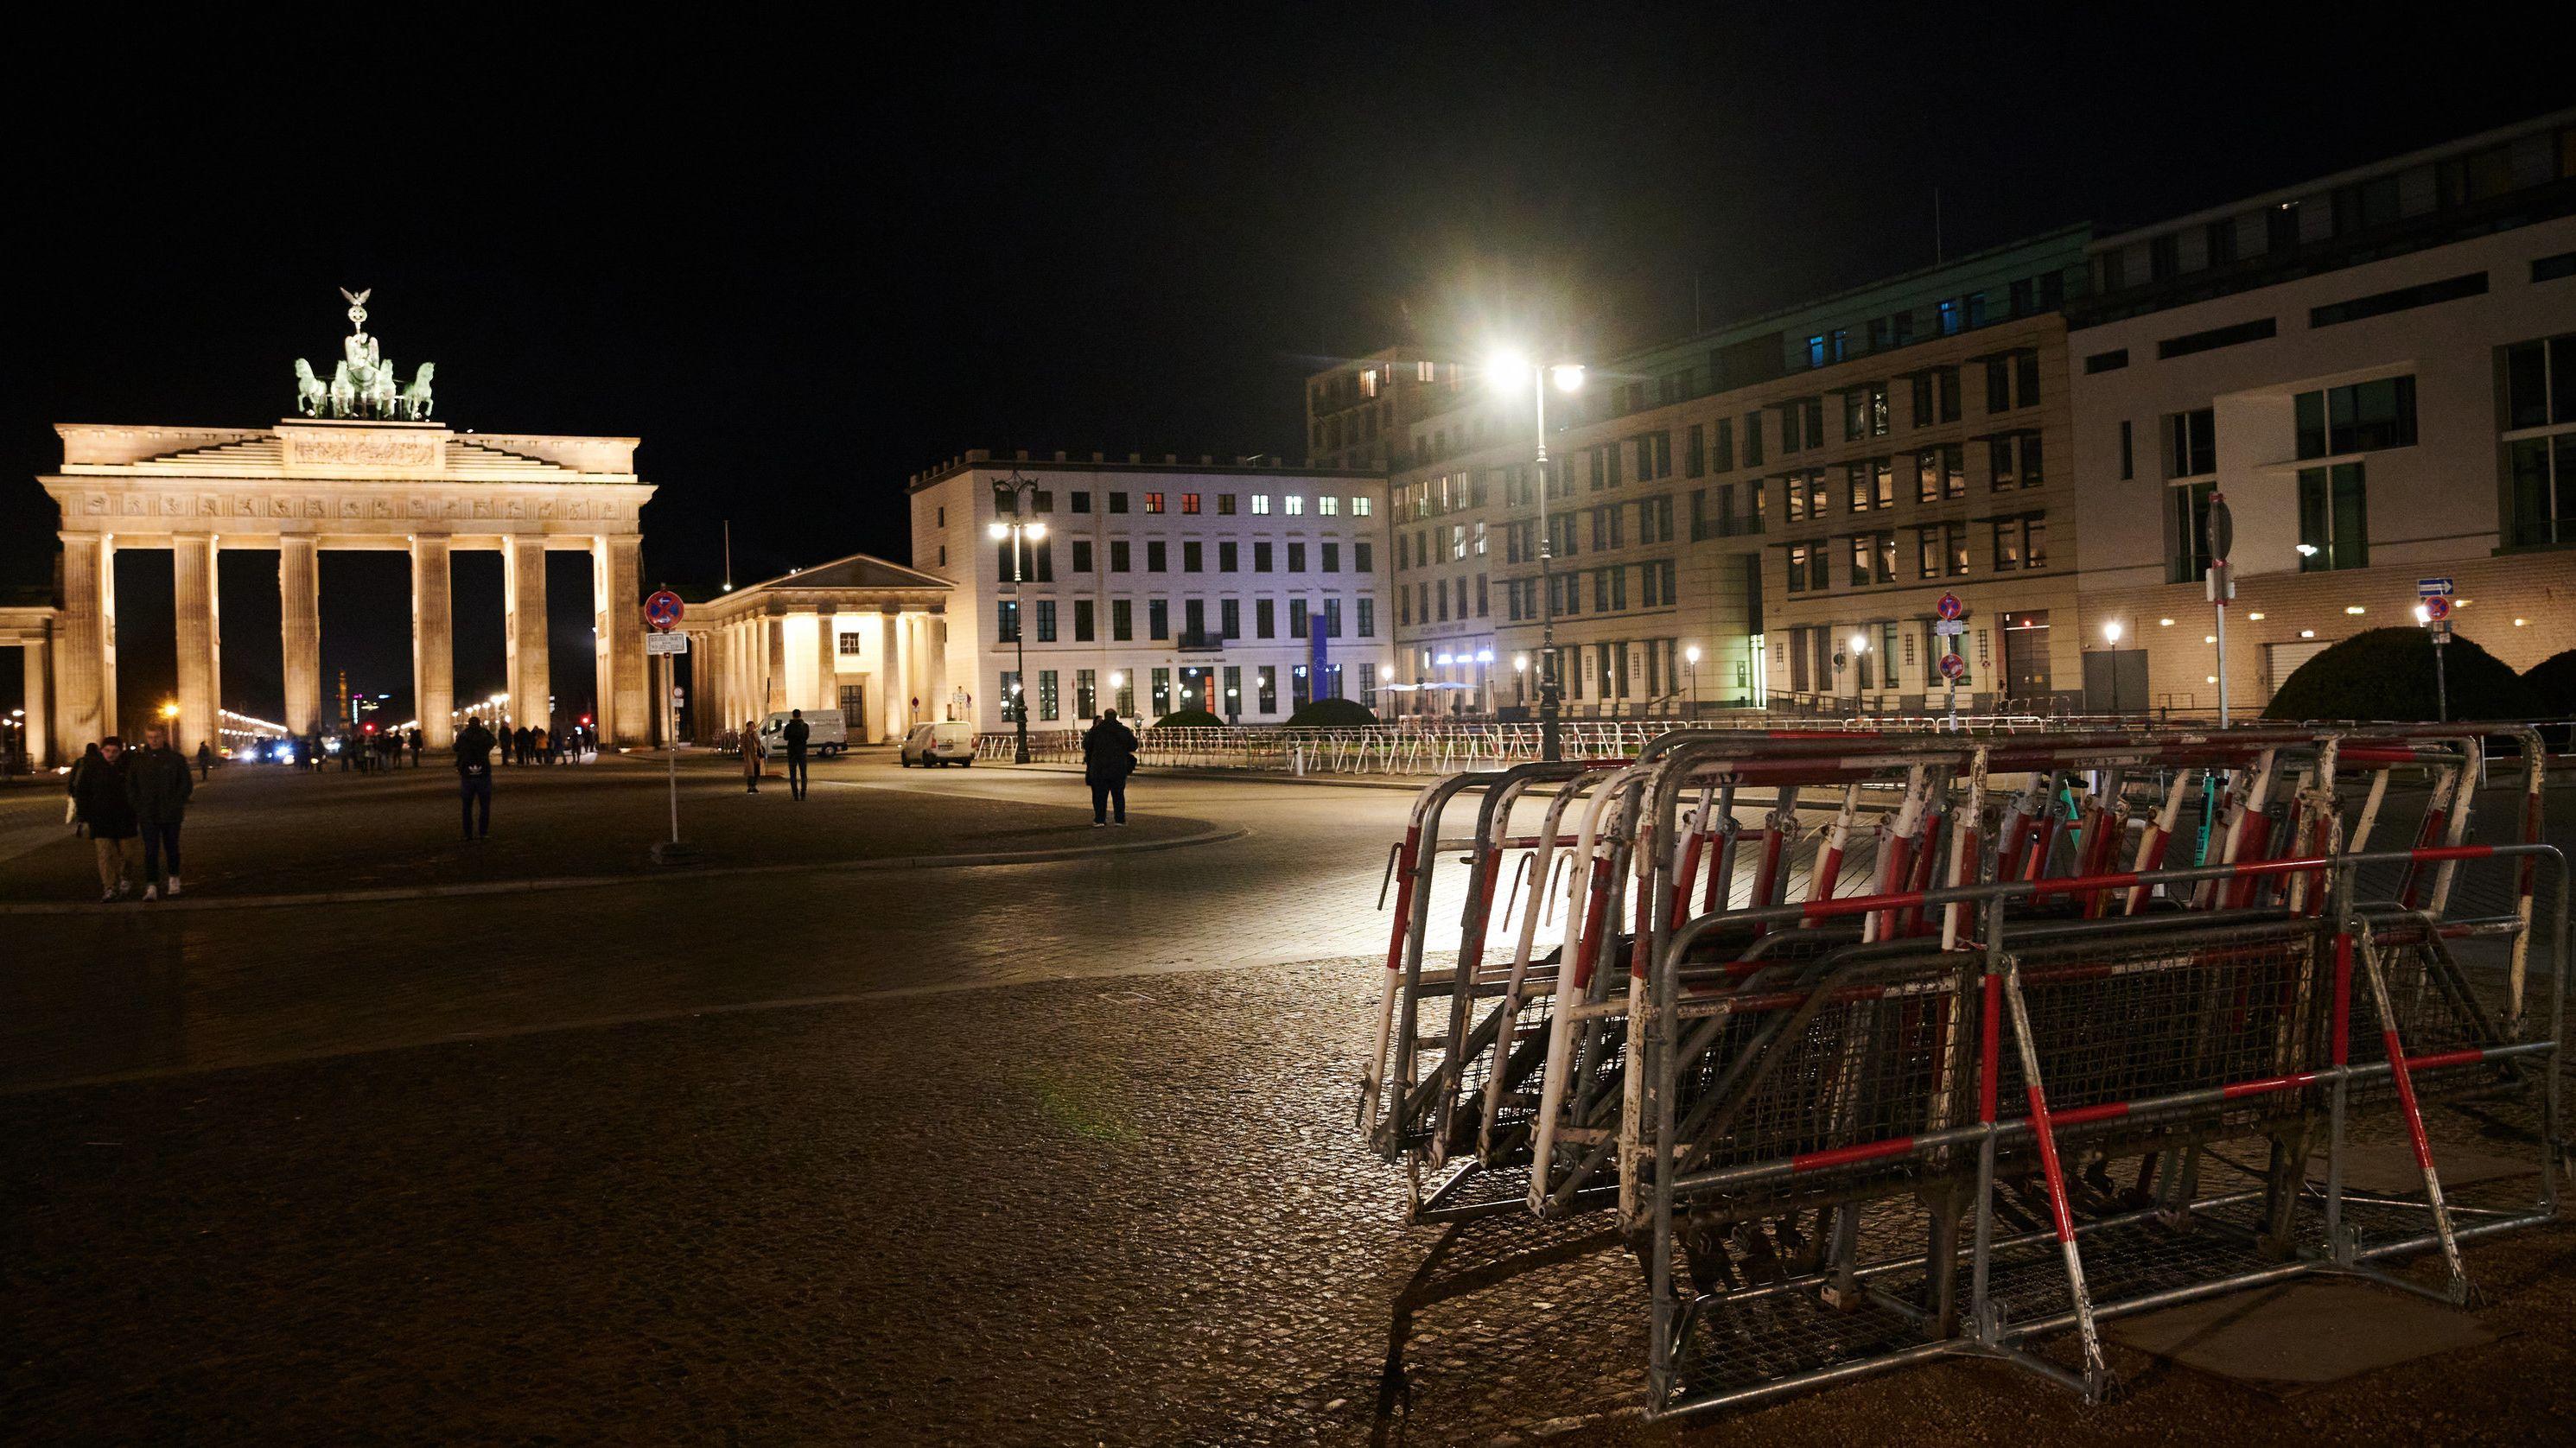 Absperrgitter stehen am Brandenburger Tor. Hier werden bereits Sicherheitsvorkehrungen für die Libyen-Konferenz in Berlin getroffen.